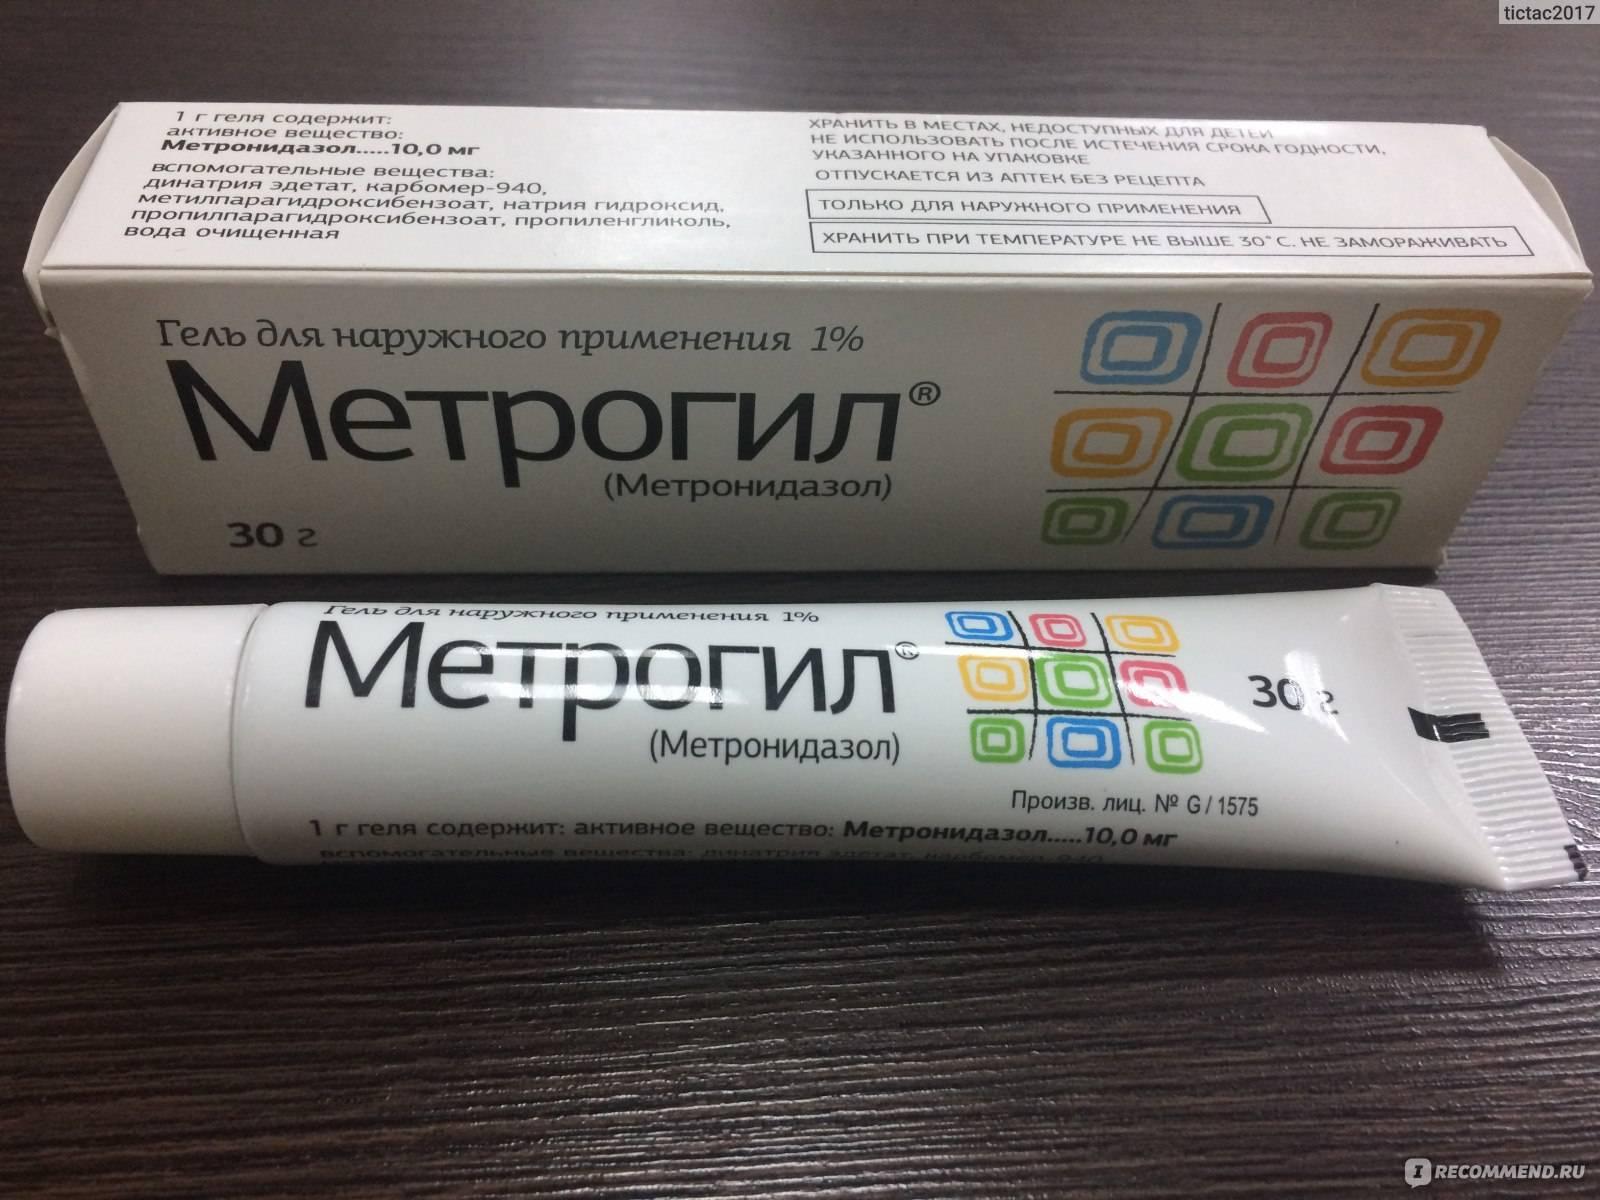 Гель метрогил от прыщей: инструкция по применению, отзывы специалистов и потребителей    метрогил крем для лица